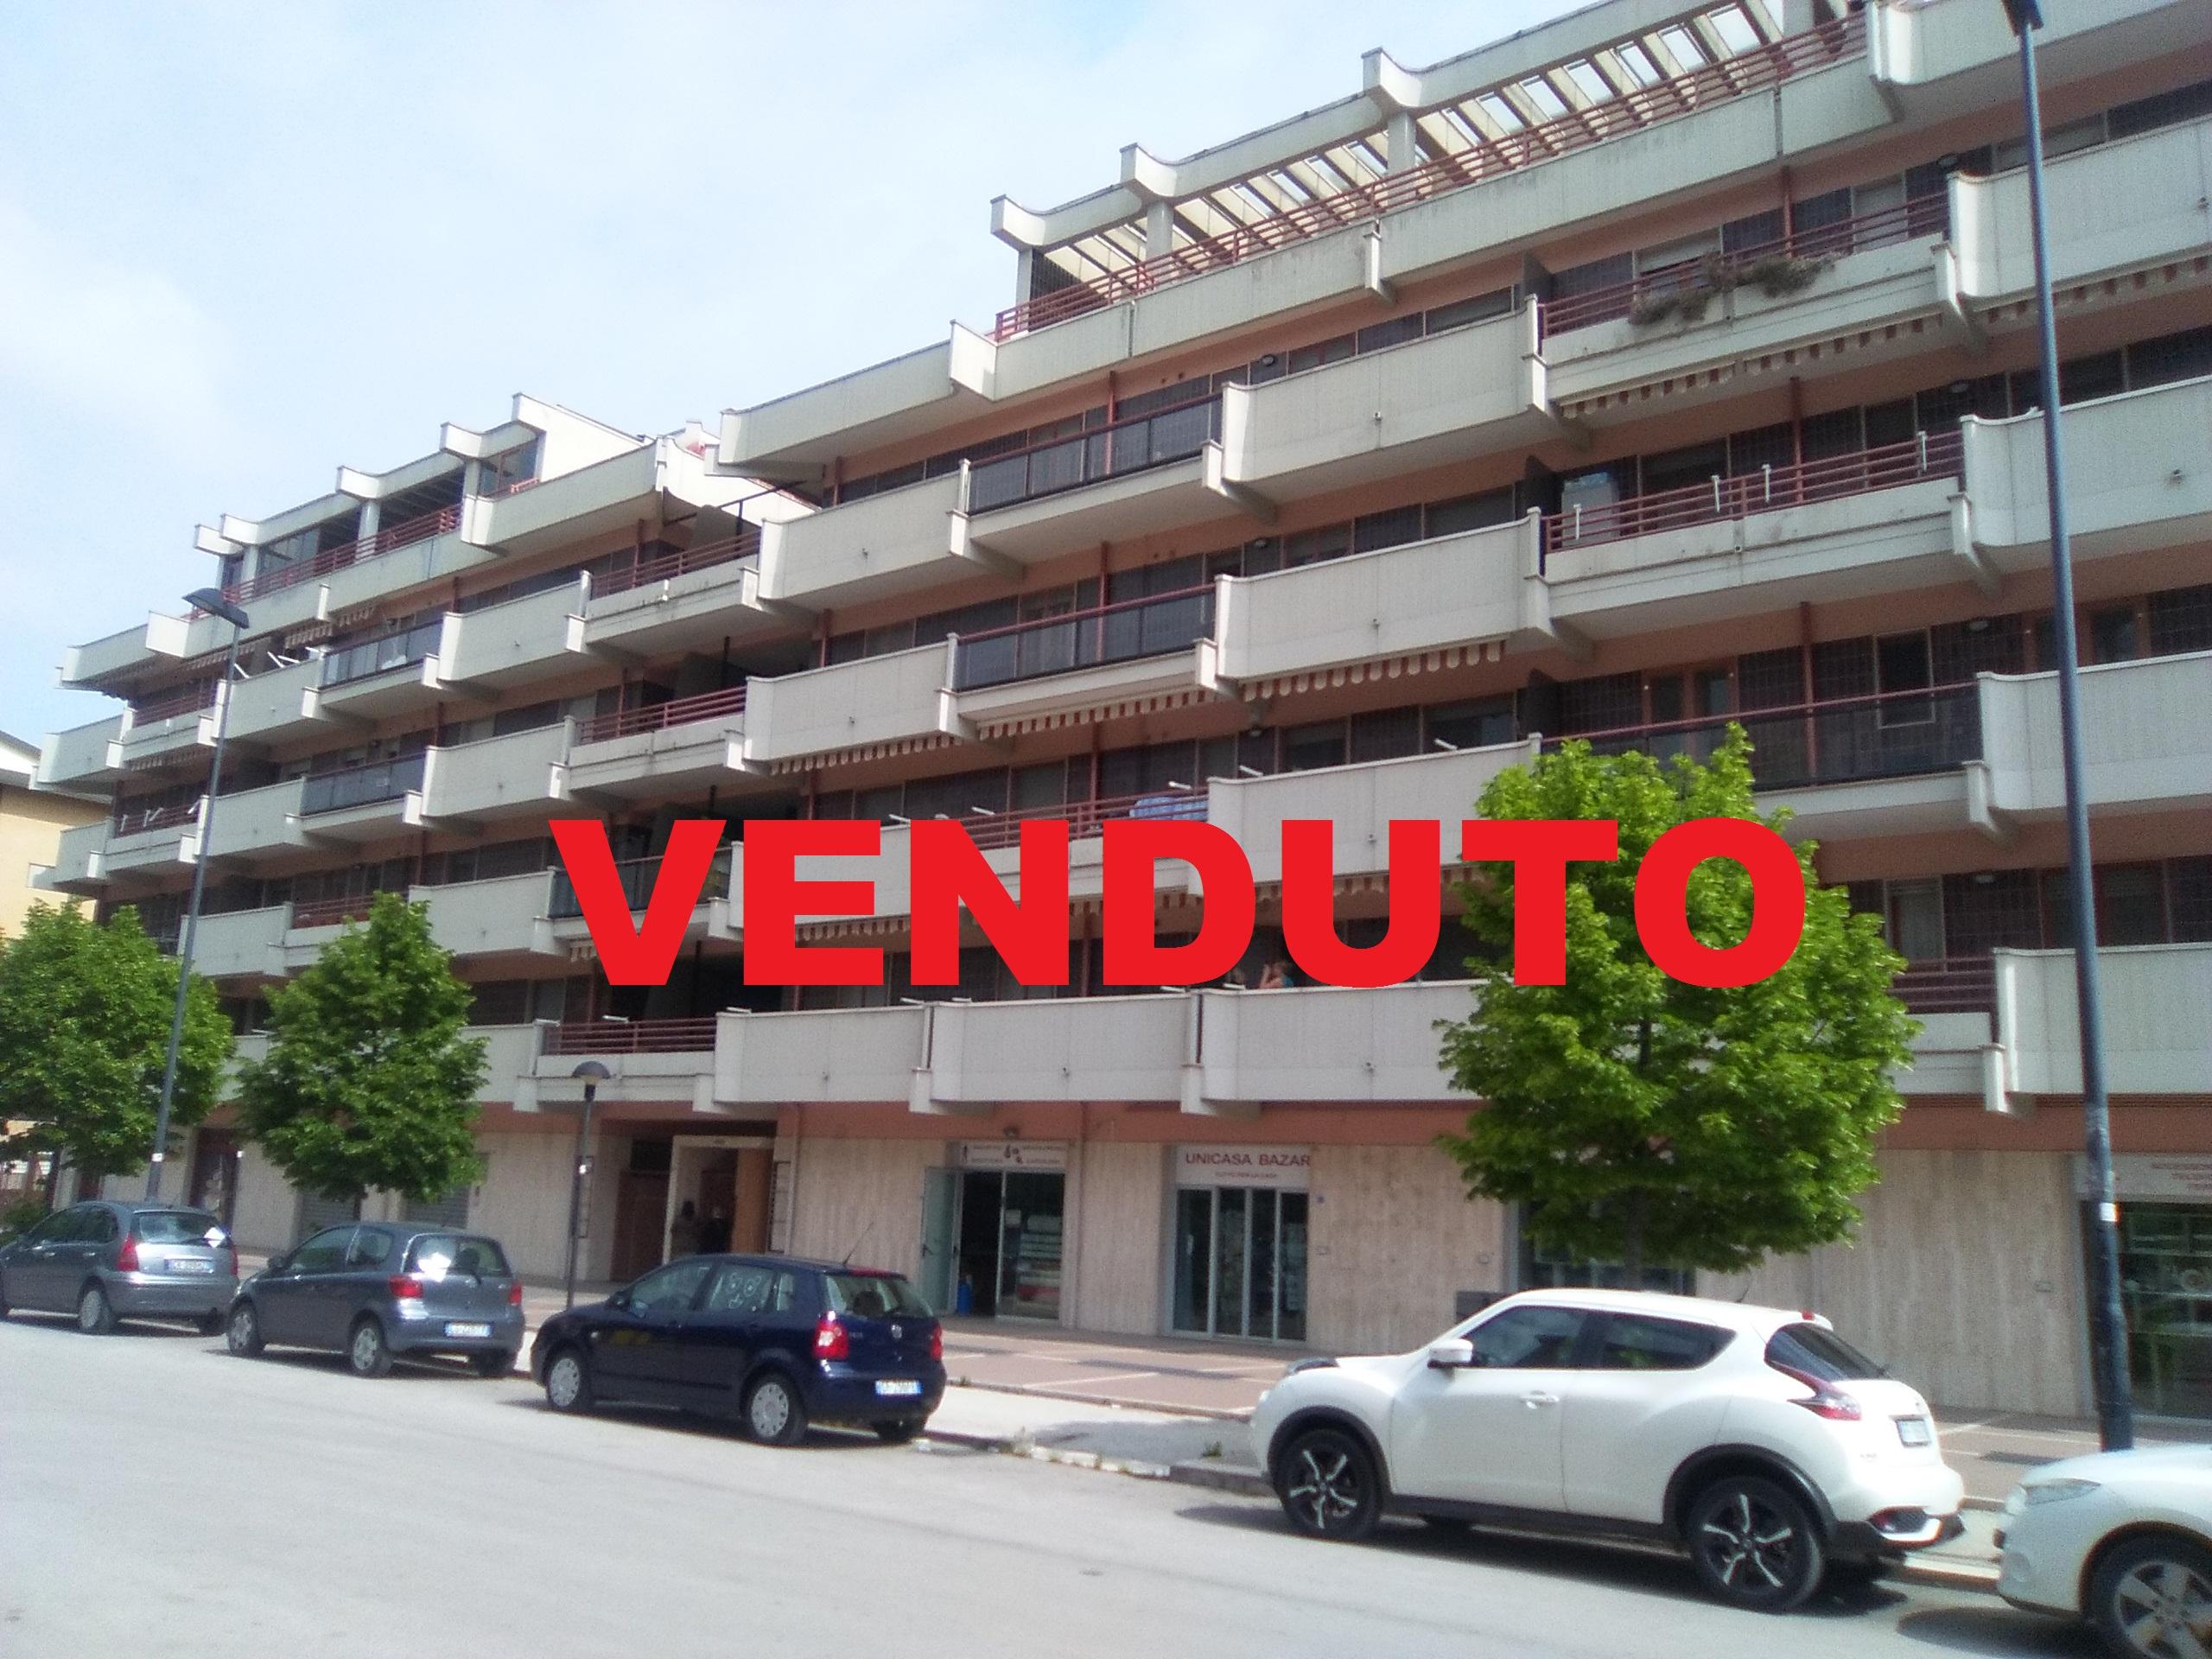 Appartamento a Foggia- Via Menichella- Zona Parco S. felice 3 vani doppi servizi e box